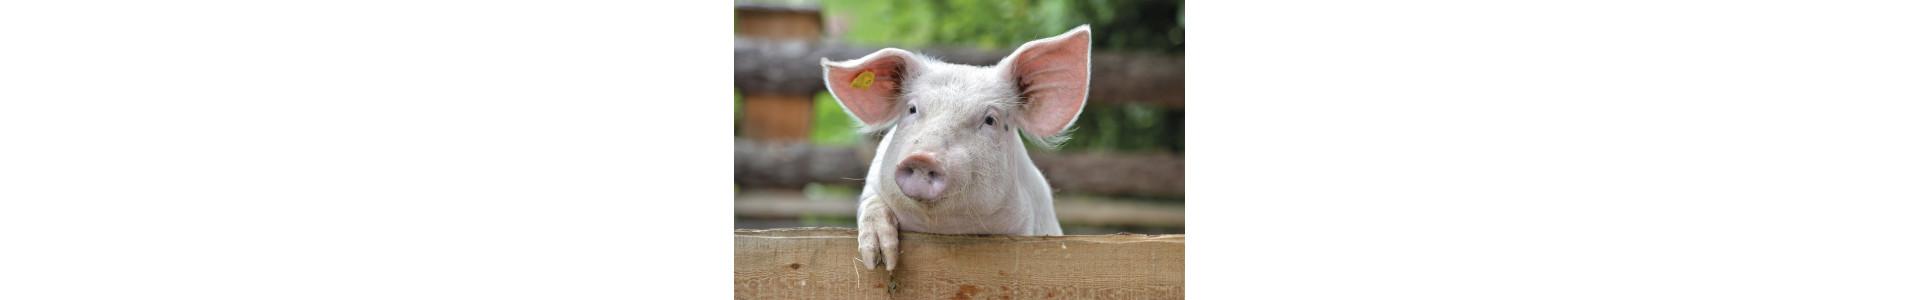 Porc et procelet